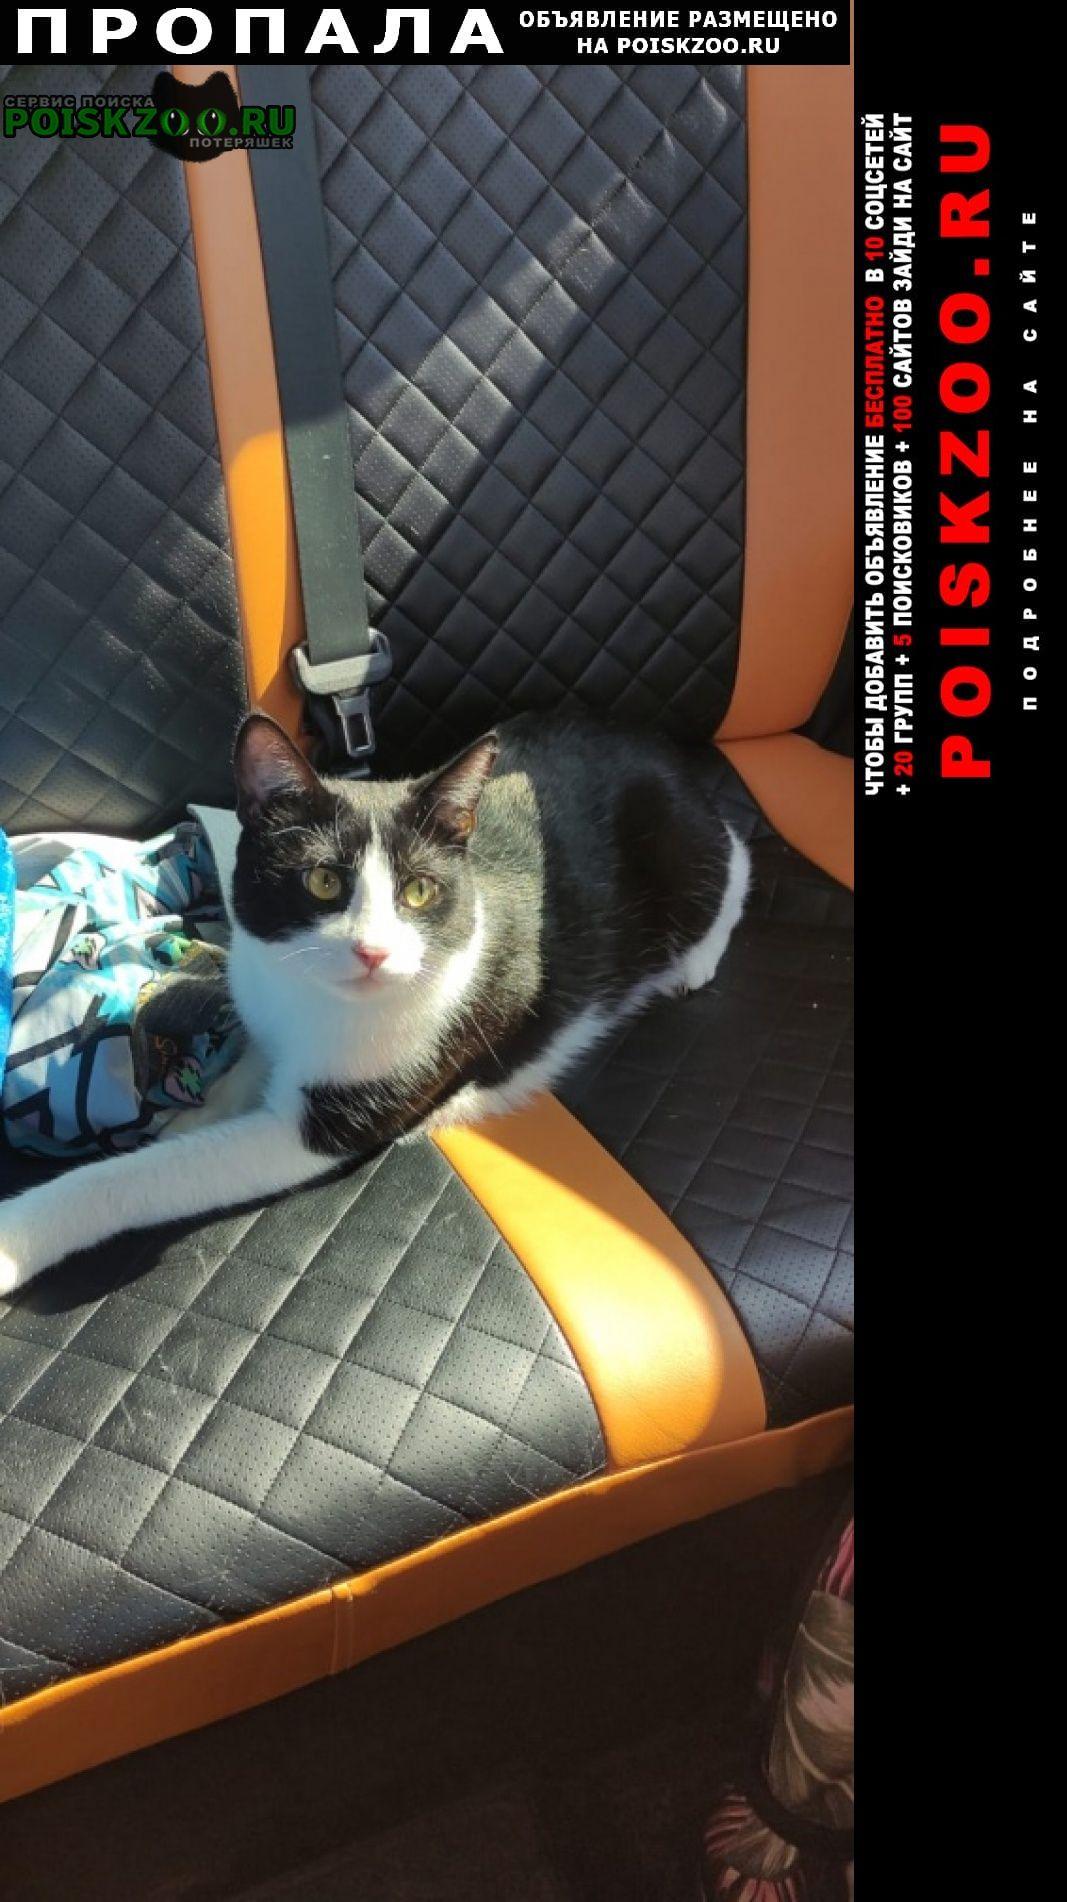 Пропал кот черно-белого окраса Деденево